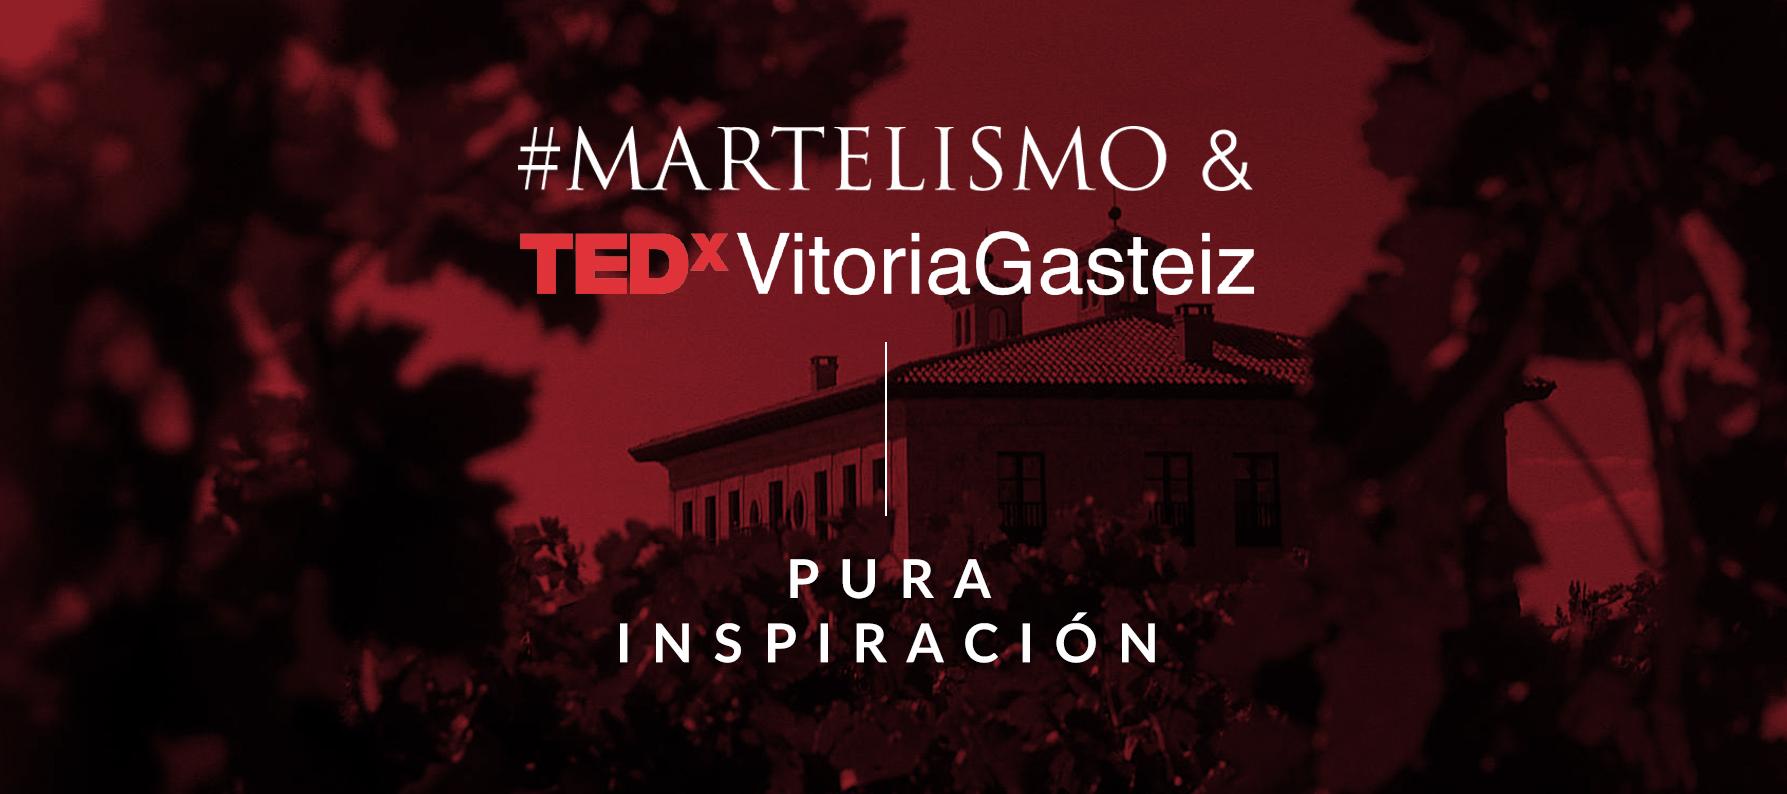 Martelo & TEDx Vitoria-Gasteiz: Pura inspiración